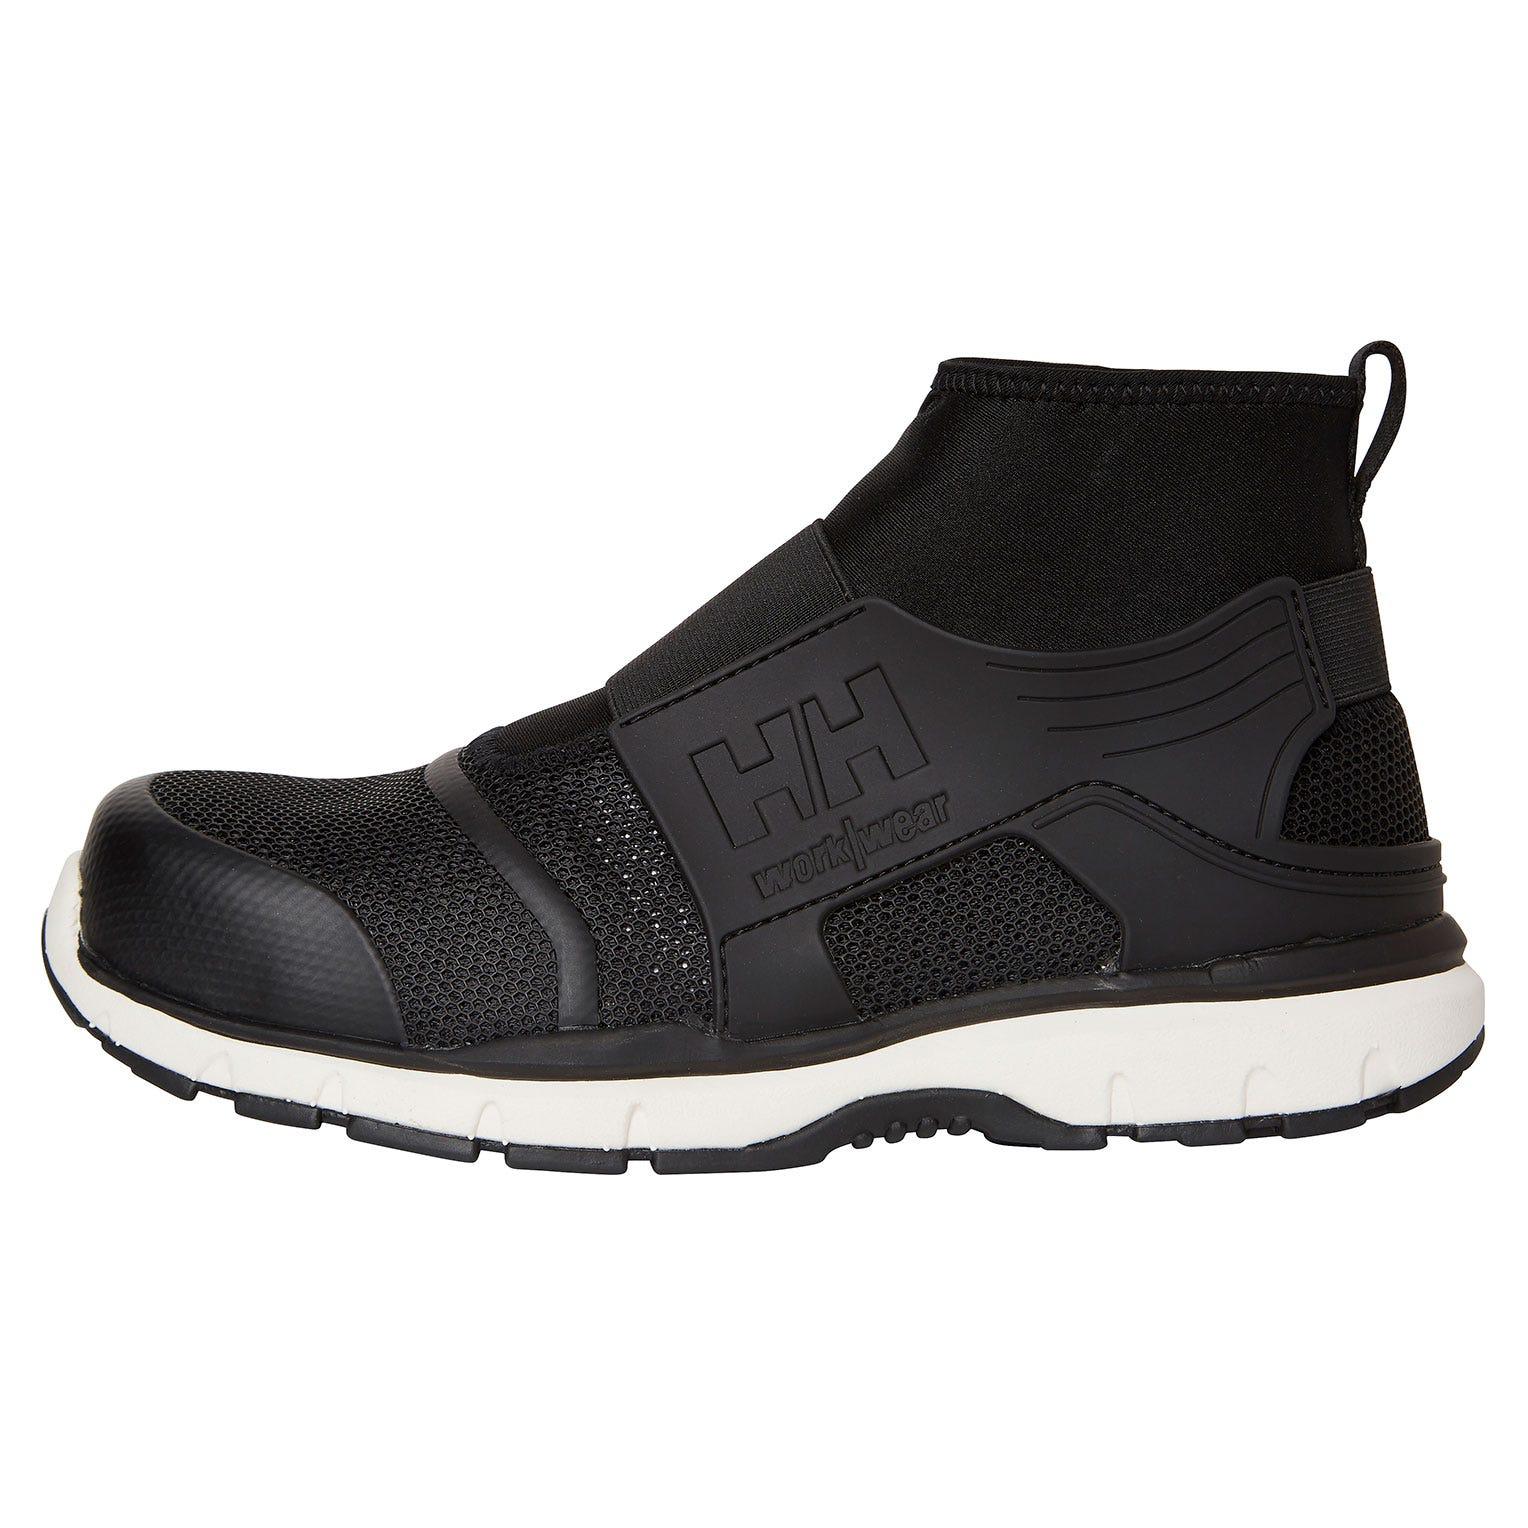 HH Workwear Workwear Helly Hansen Sandal Boot 38 Nero